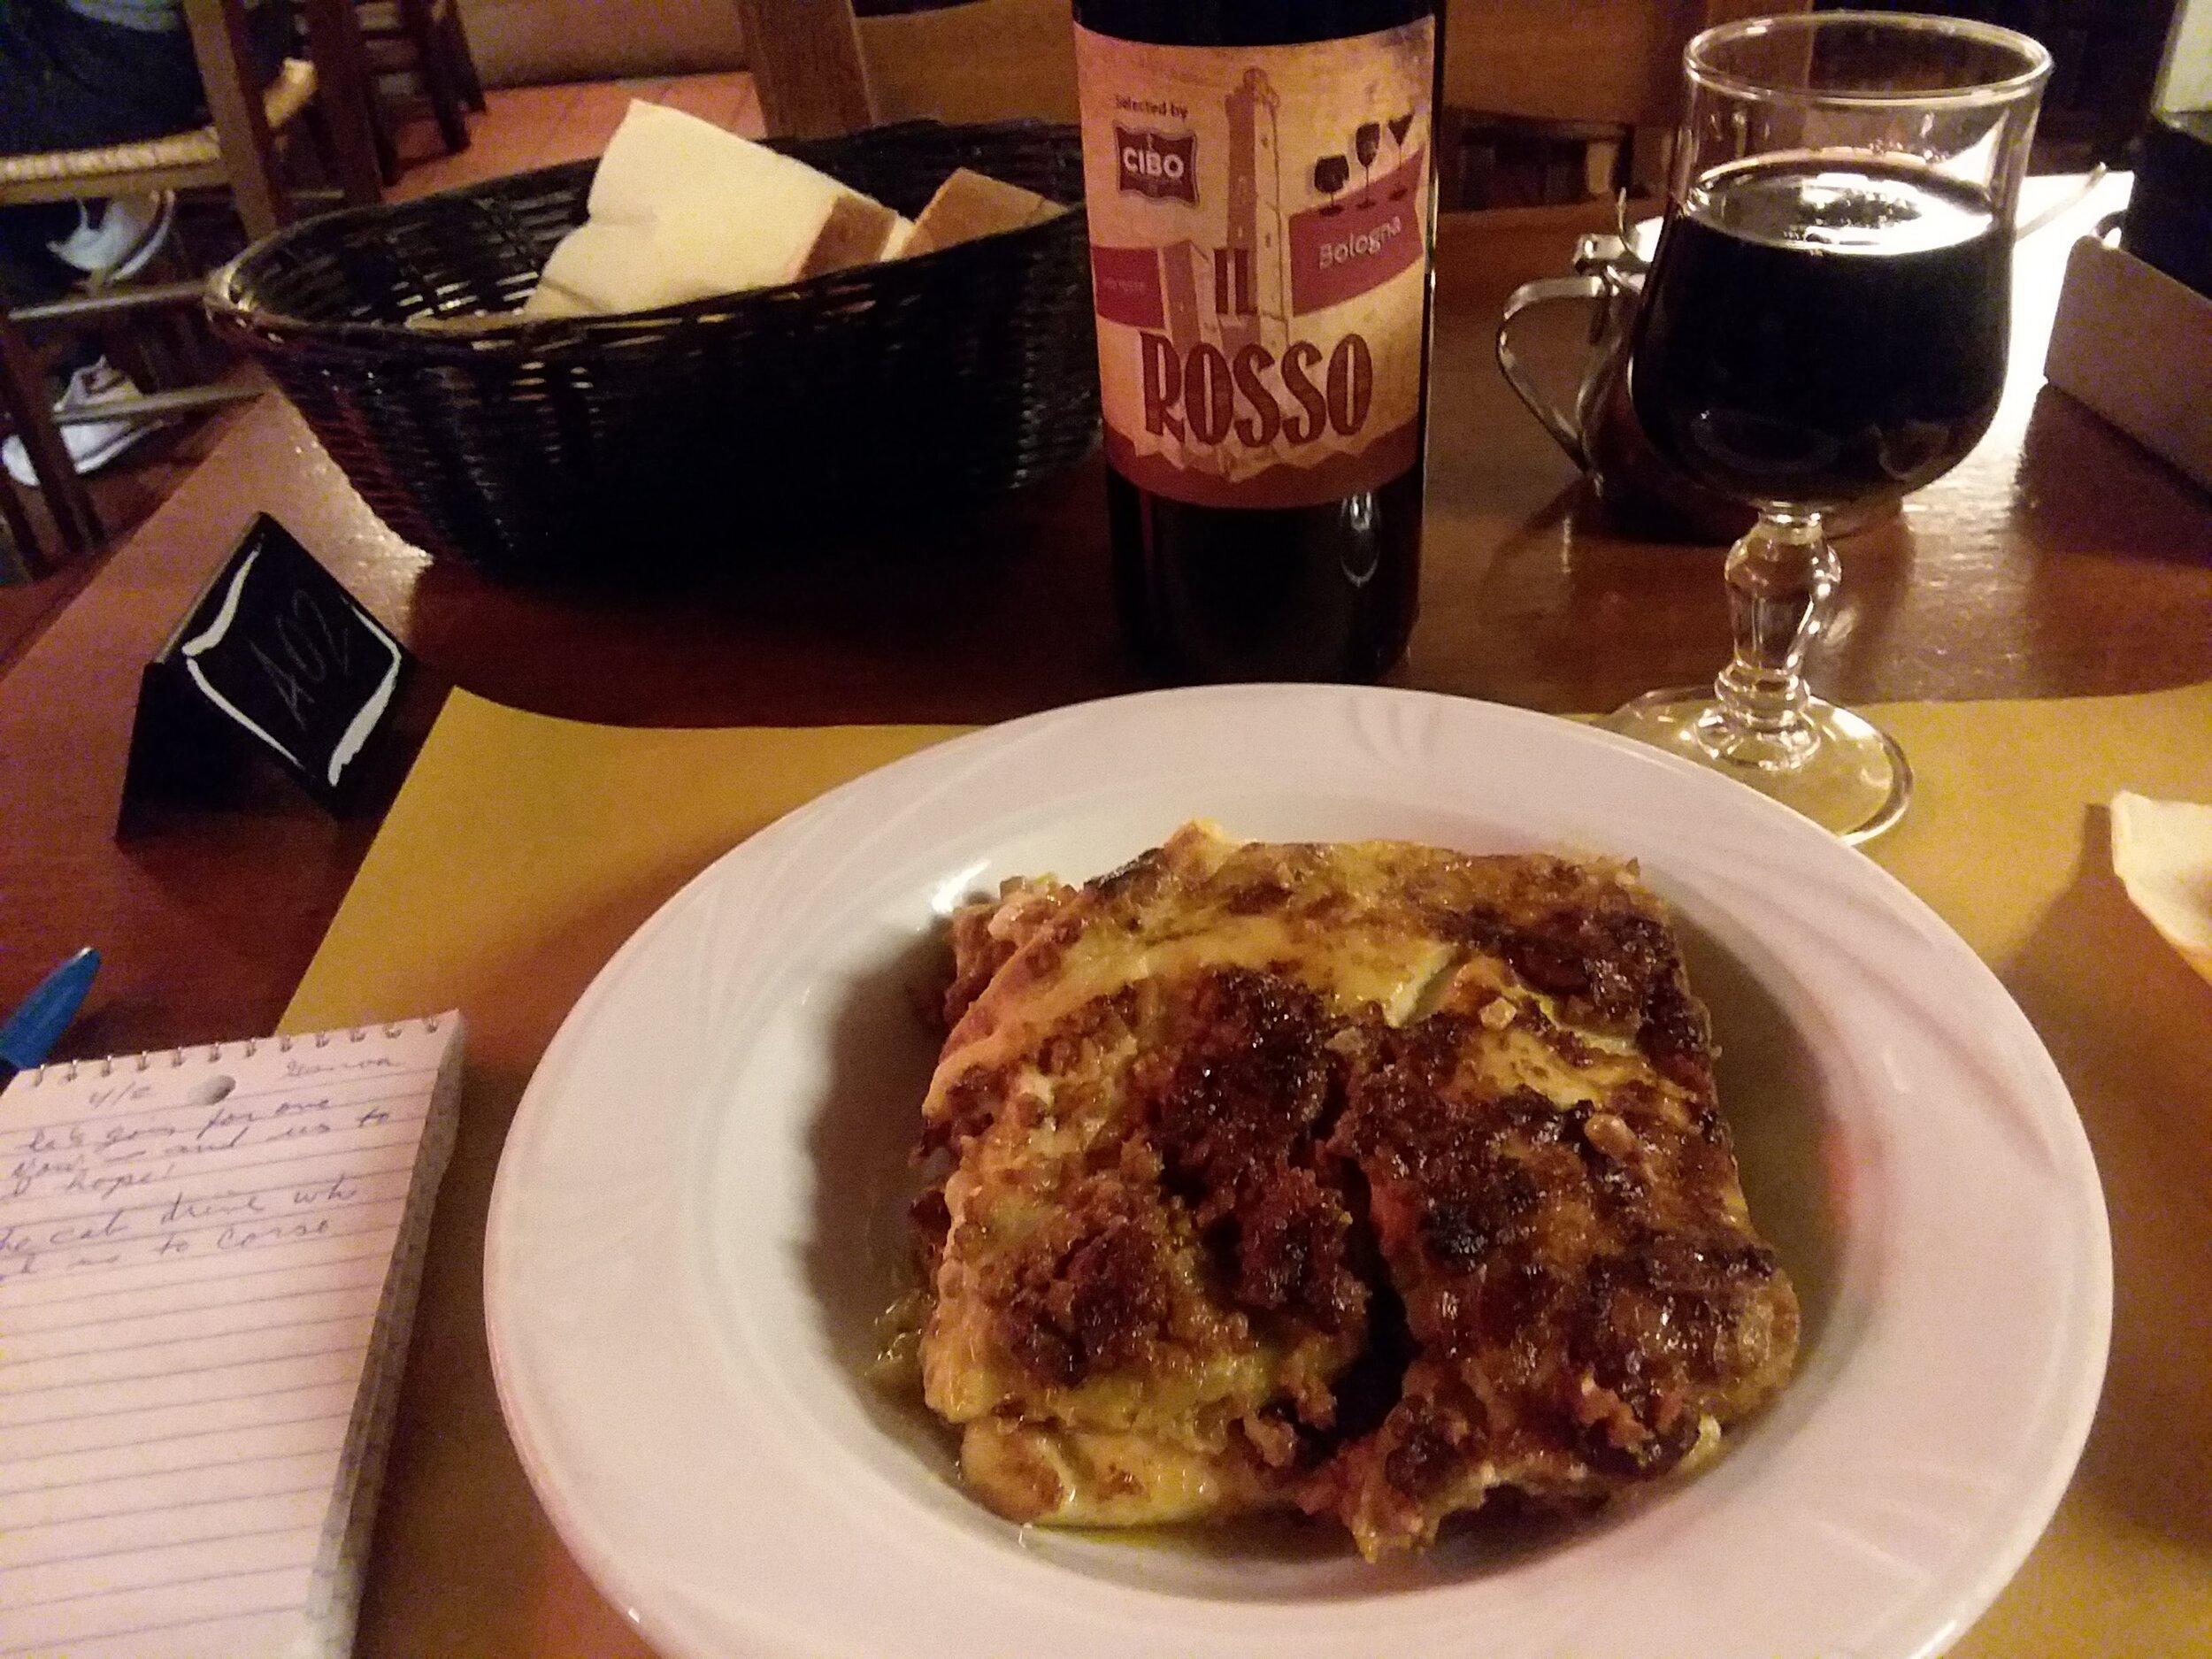 Lasagna bolognese, where else, Bologna